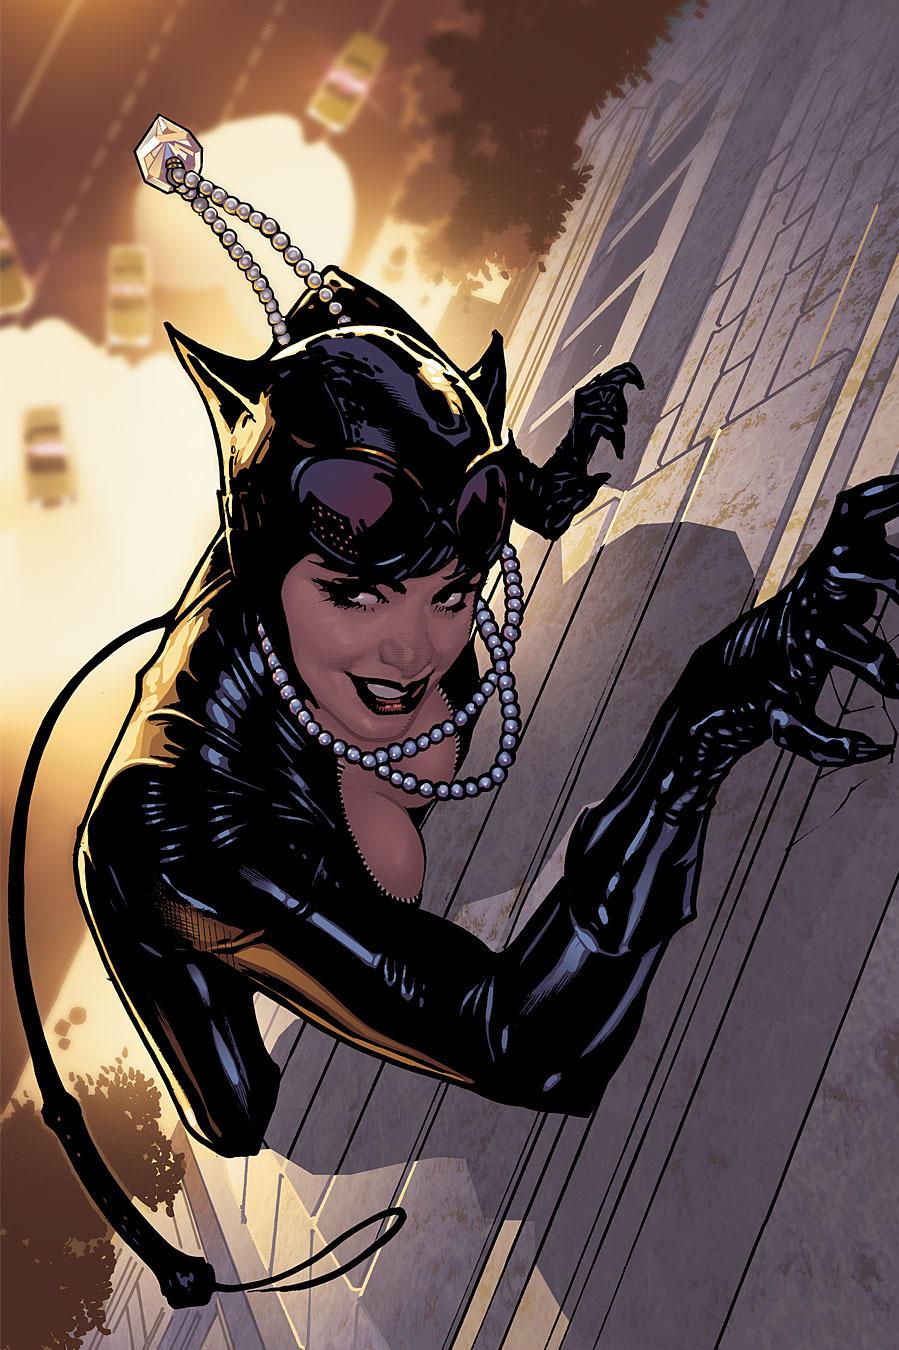 https://static.tvtropes.org/pmwiki/pub/images/catwoman_0025.jpg